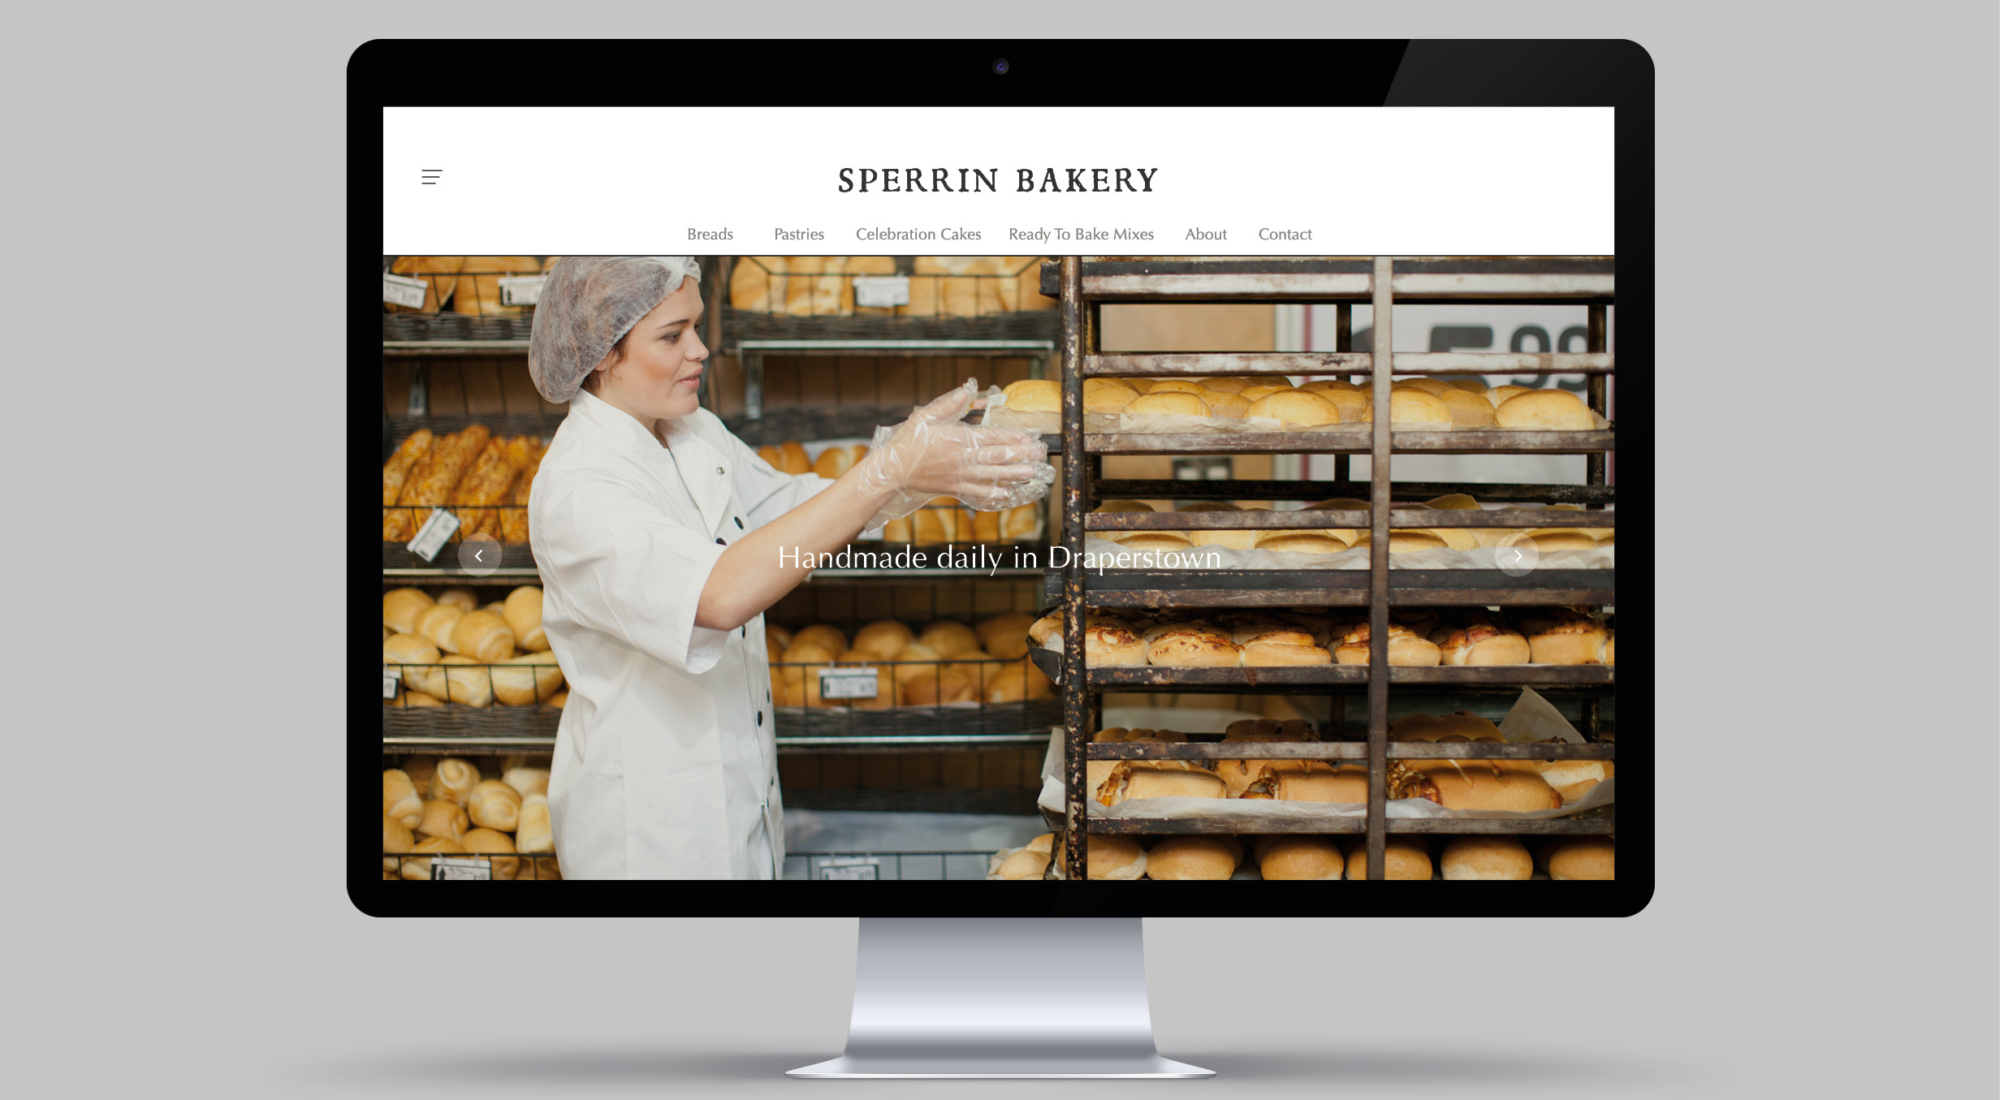 https://alanjacksondesign.co.uk/wp-content/uploads/2021/09/sperrin-bakery-img5.jpg